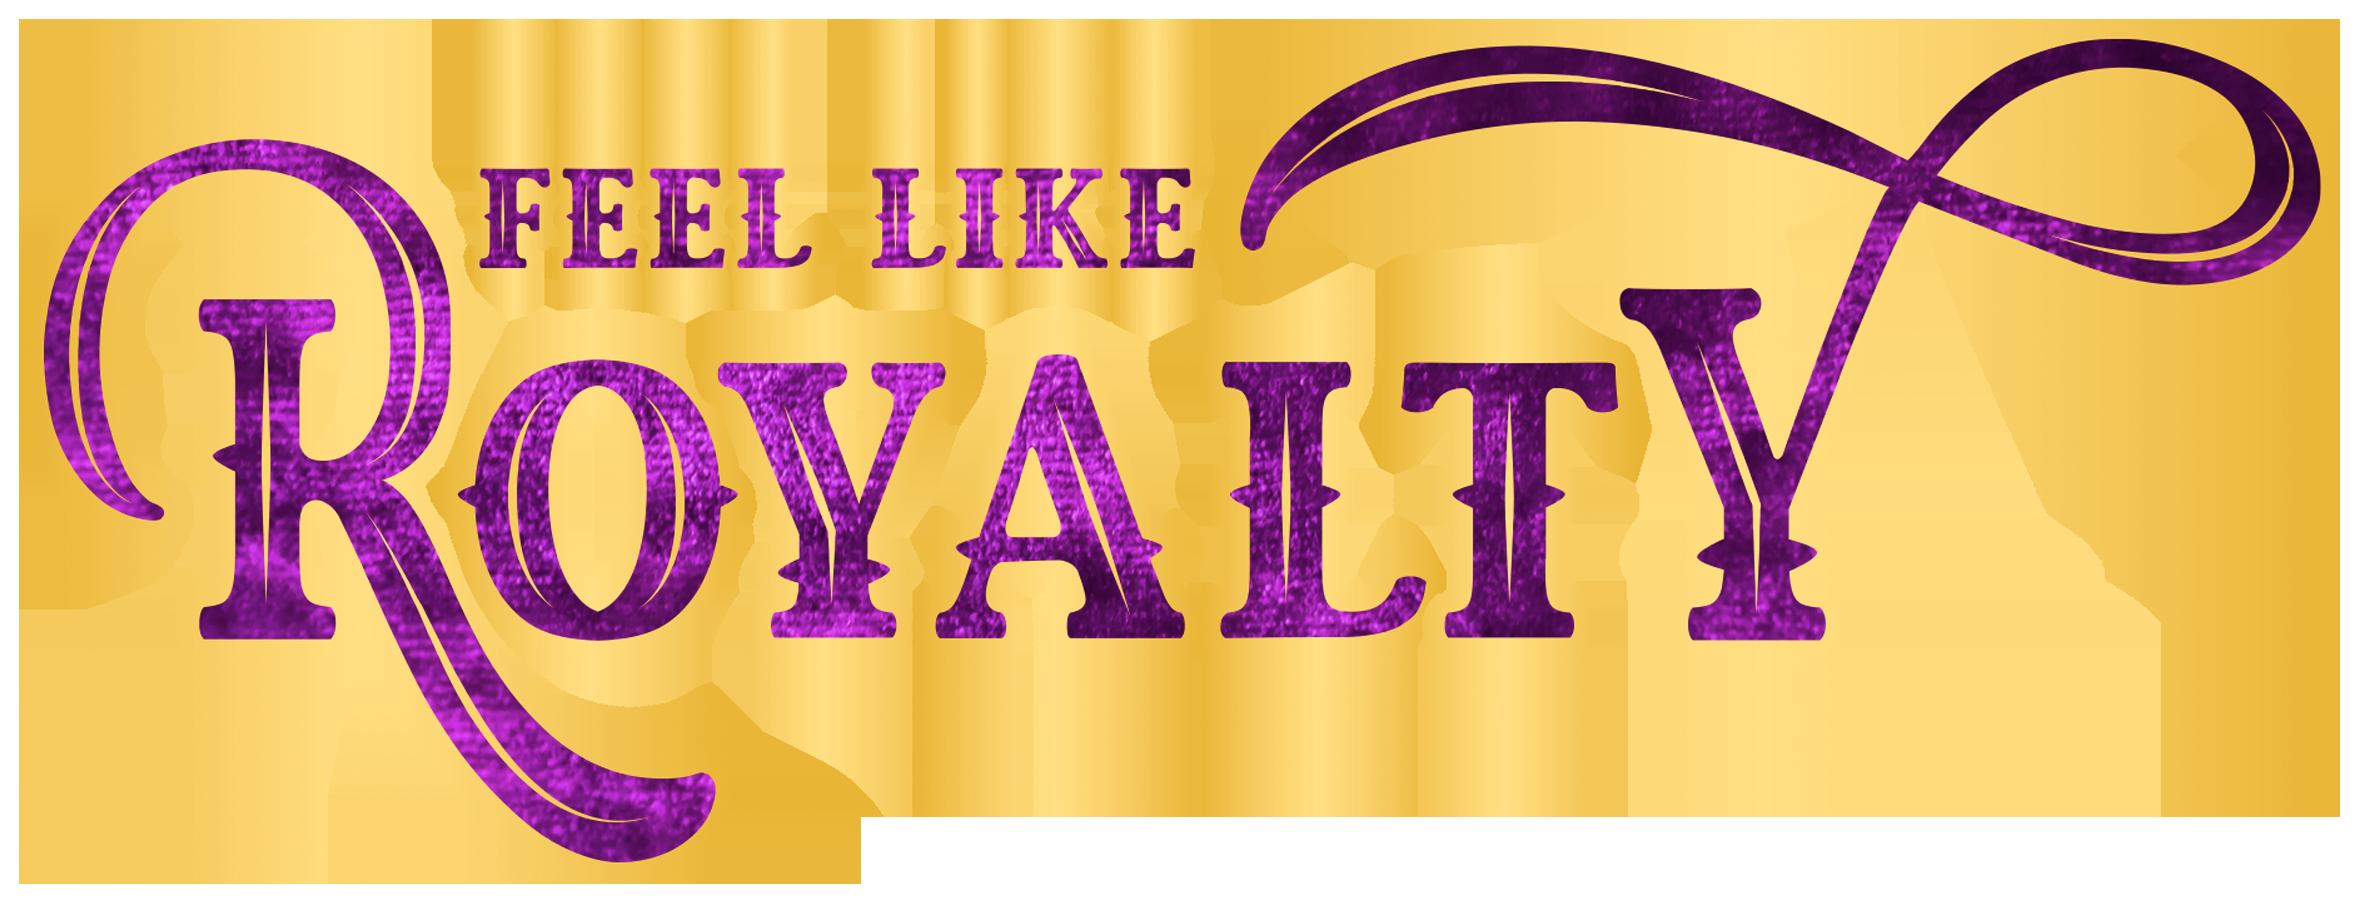 Feel like Royalty_Velvet Etch Headline